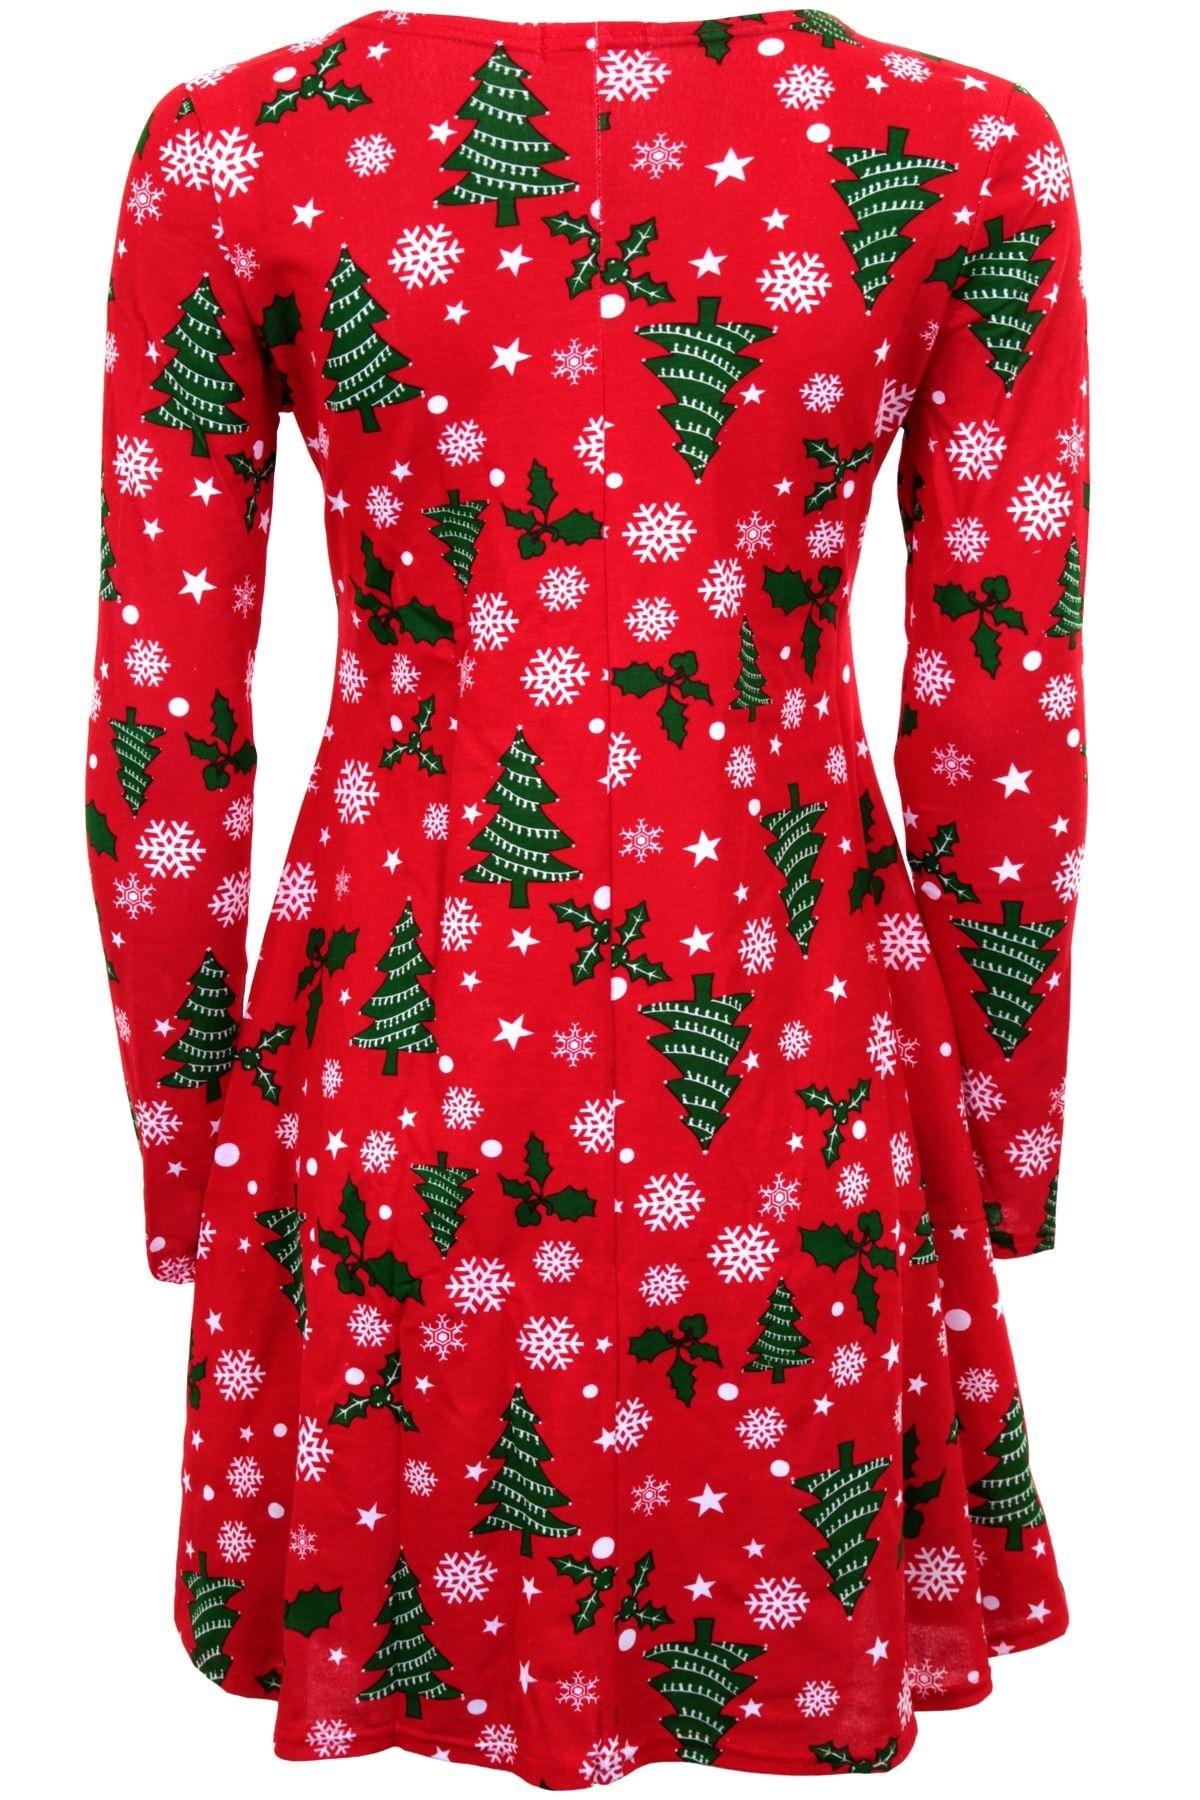 10 Einzigartig Weihnachtskleid Damen BoutiqueDesigner Luxus Weihnachtskleid Damen Spezialgebiet